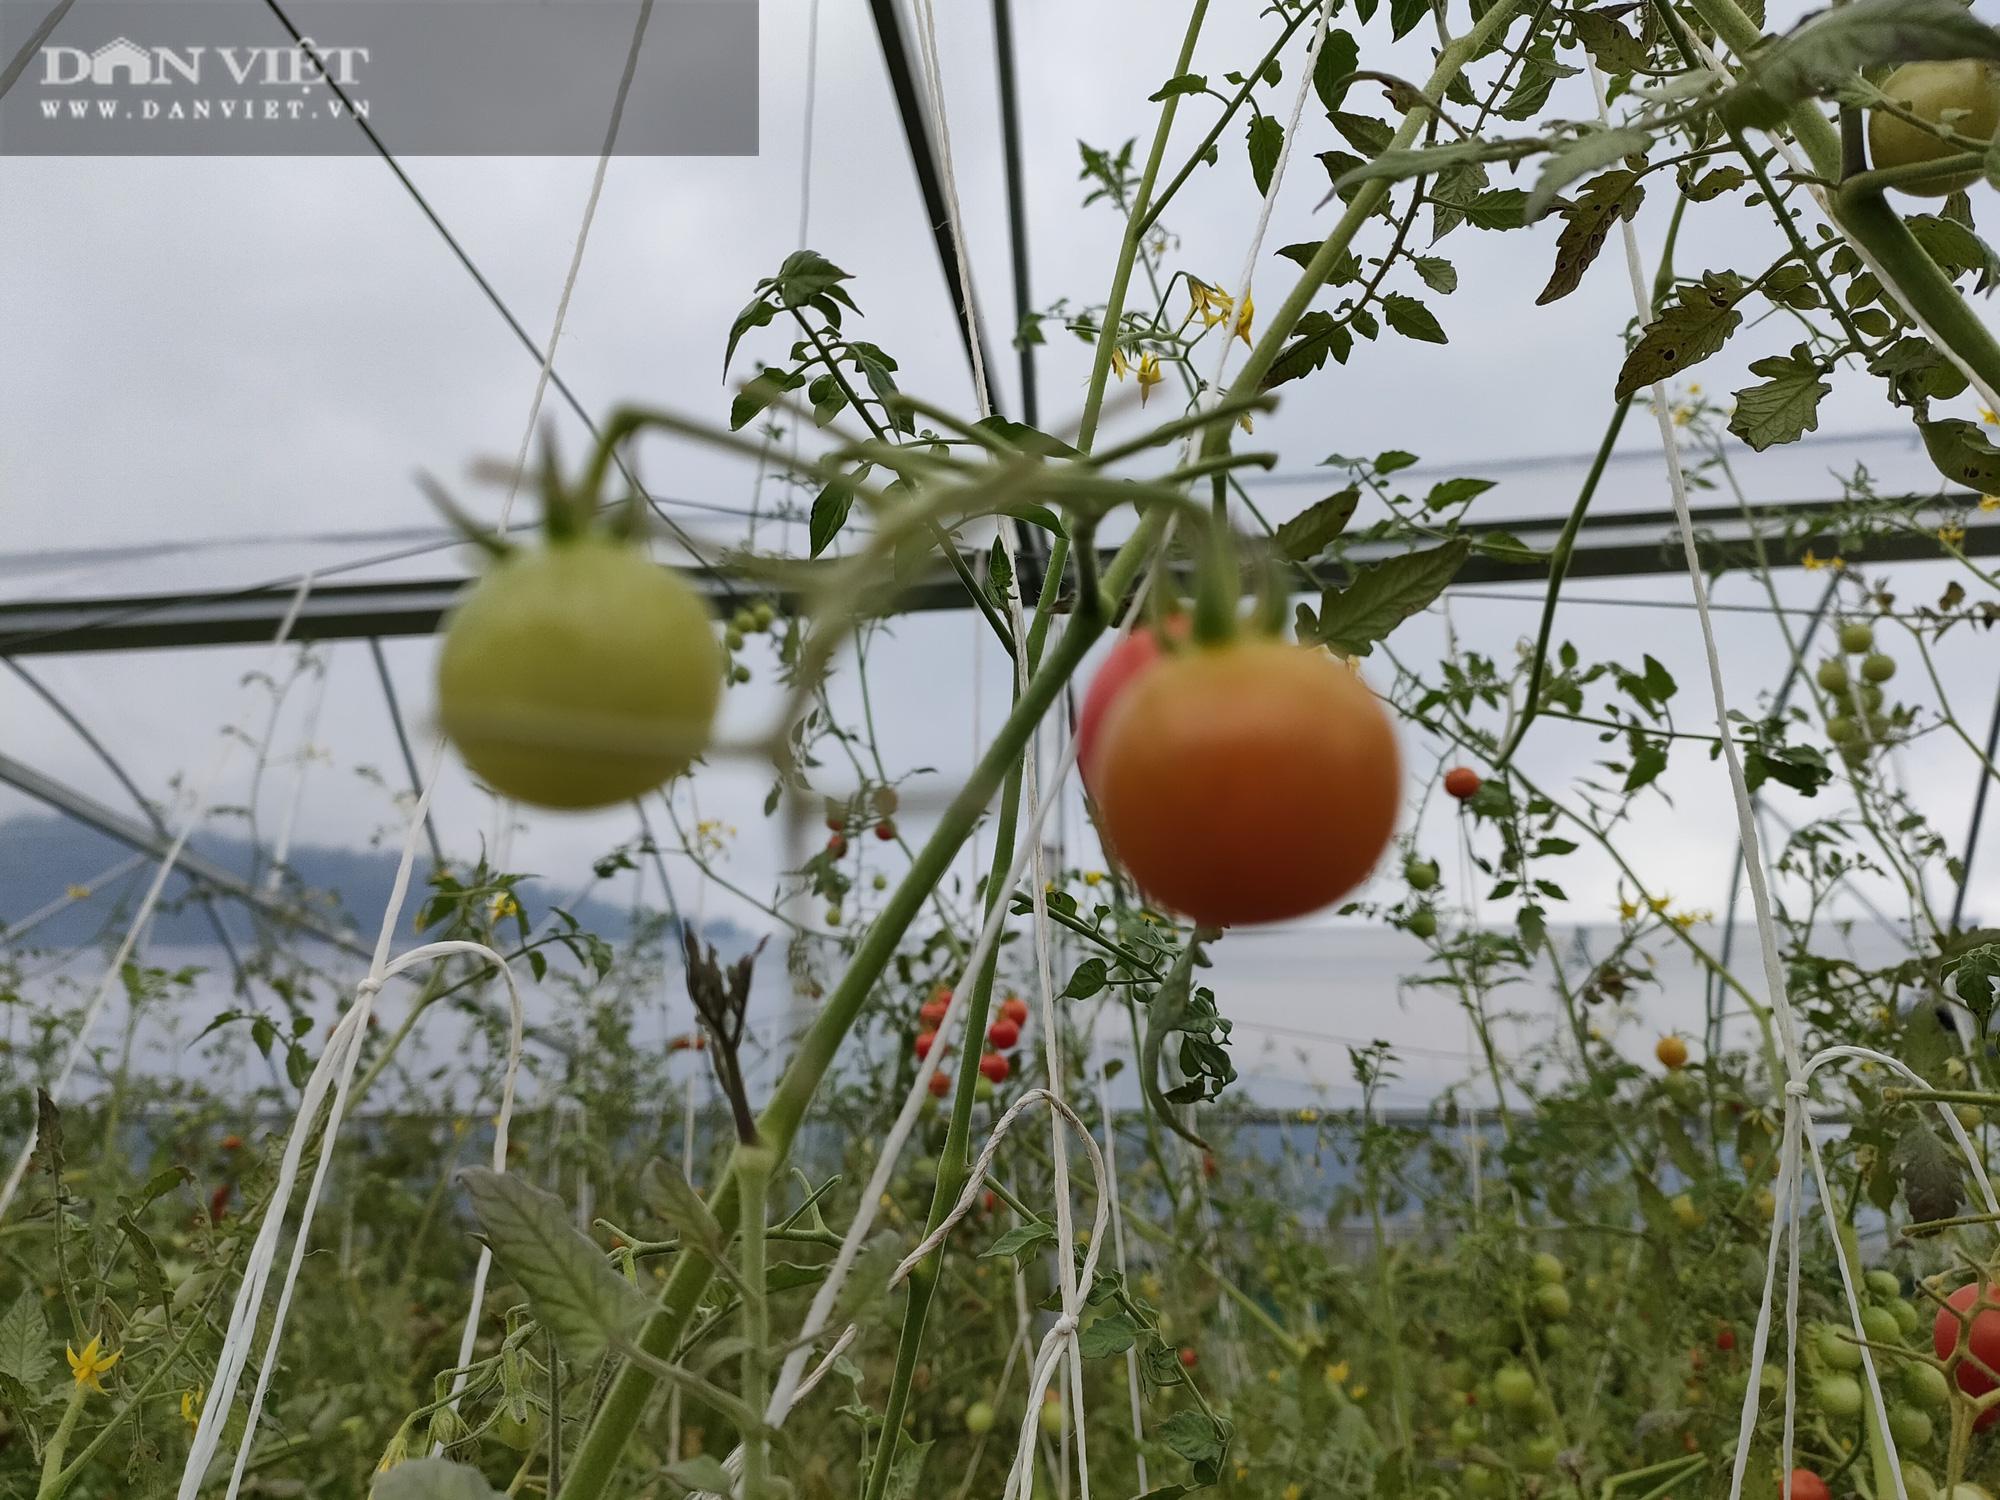 """Ngắm vườn cà chua chuỗi ngọc mọc """"chi chít"""" quả trên đồi - Ảnh 6."""